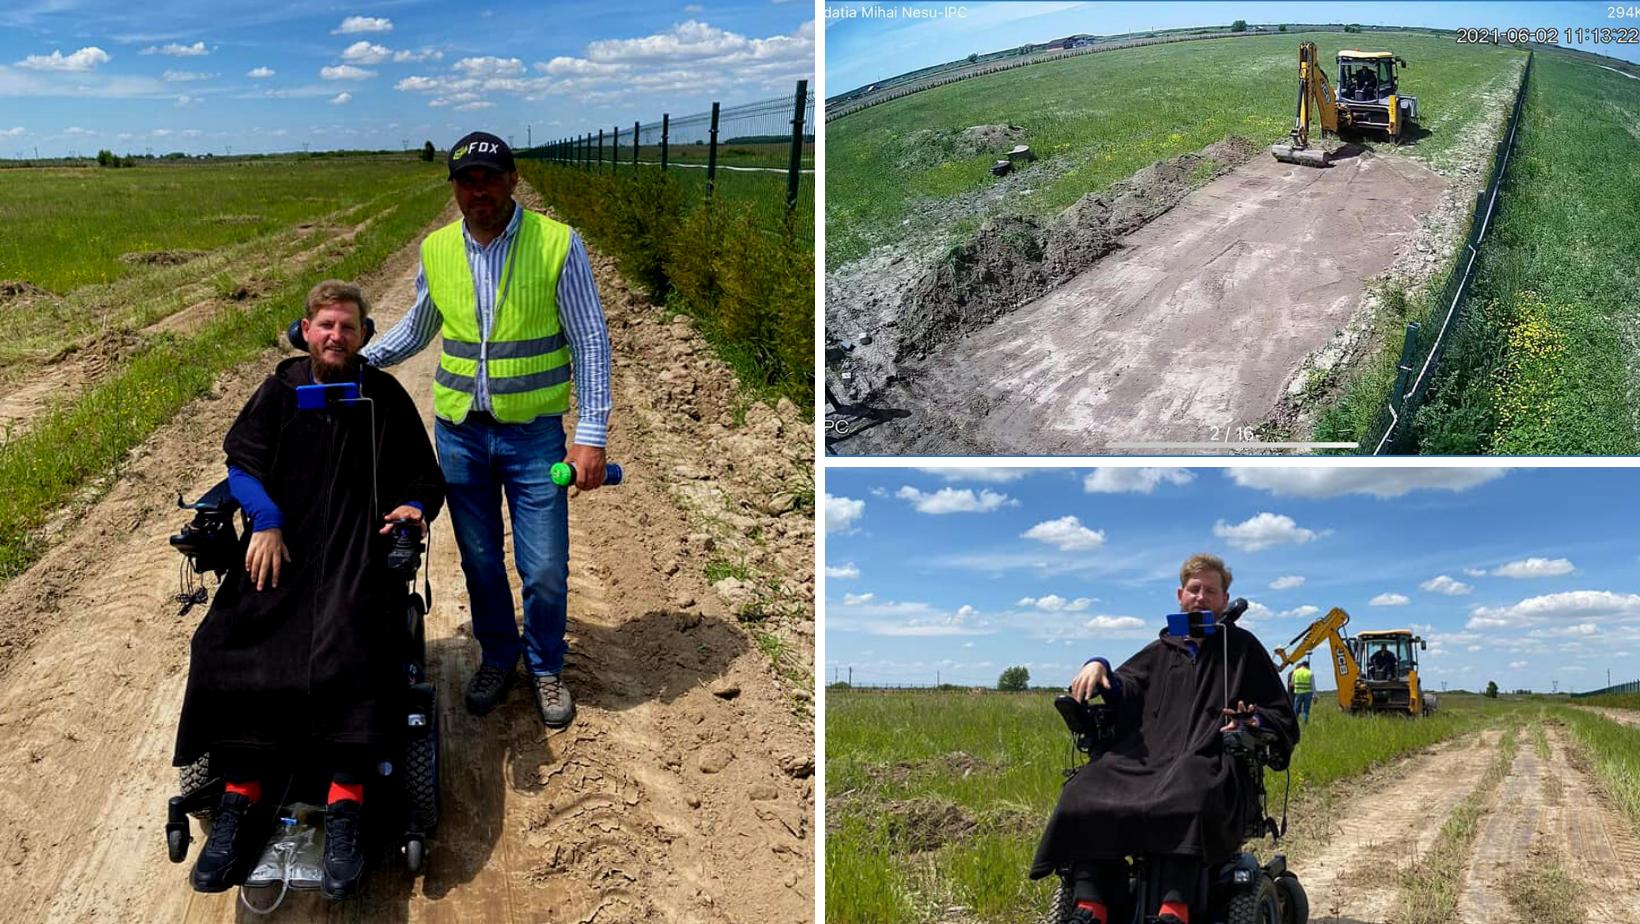 """Vești bune de la Mihai Neșu! S-a început lucrul pe șantierul pentru construcția Complexului de recuperare """"Sfântul Nectarie"""" pentru copii cu dizabilități neuromotorii"""